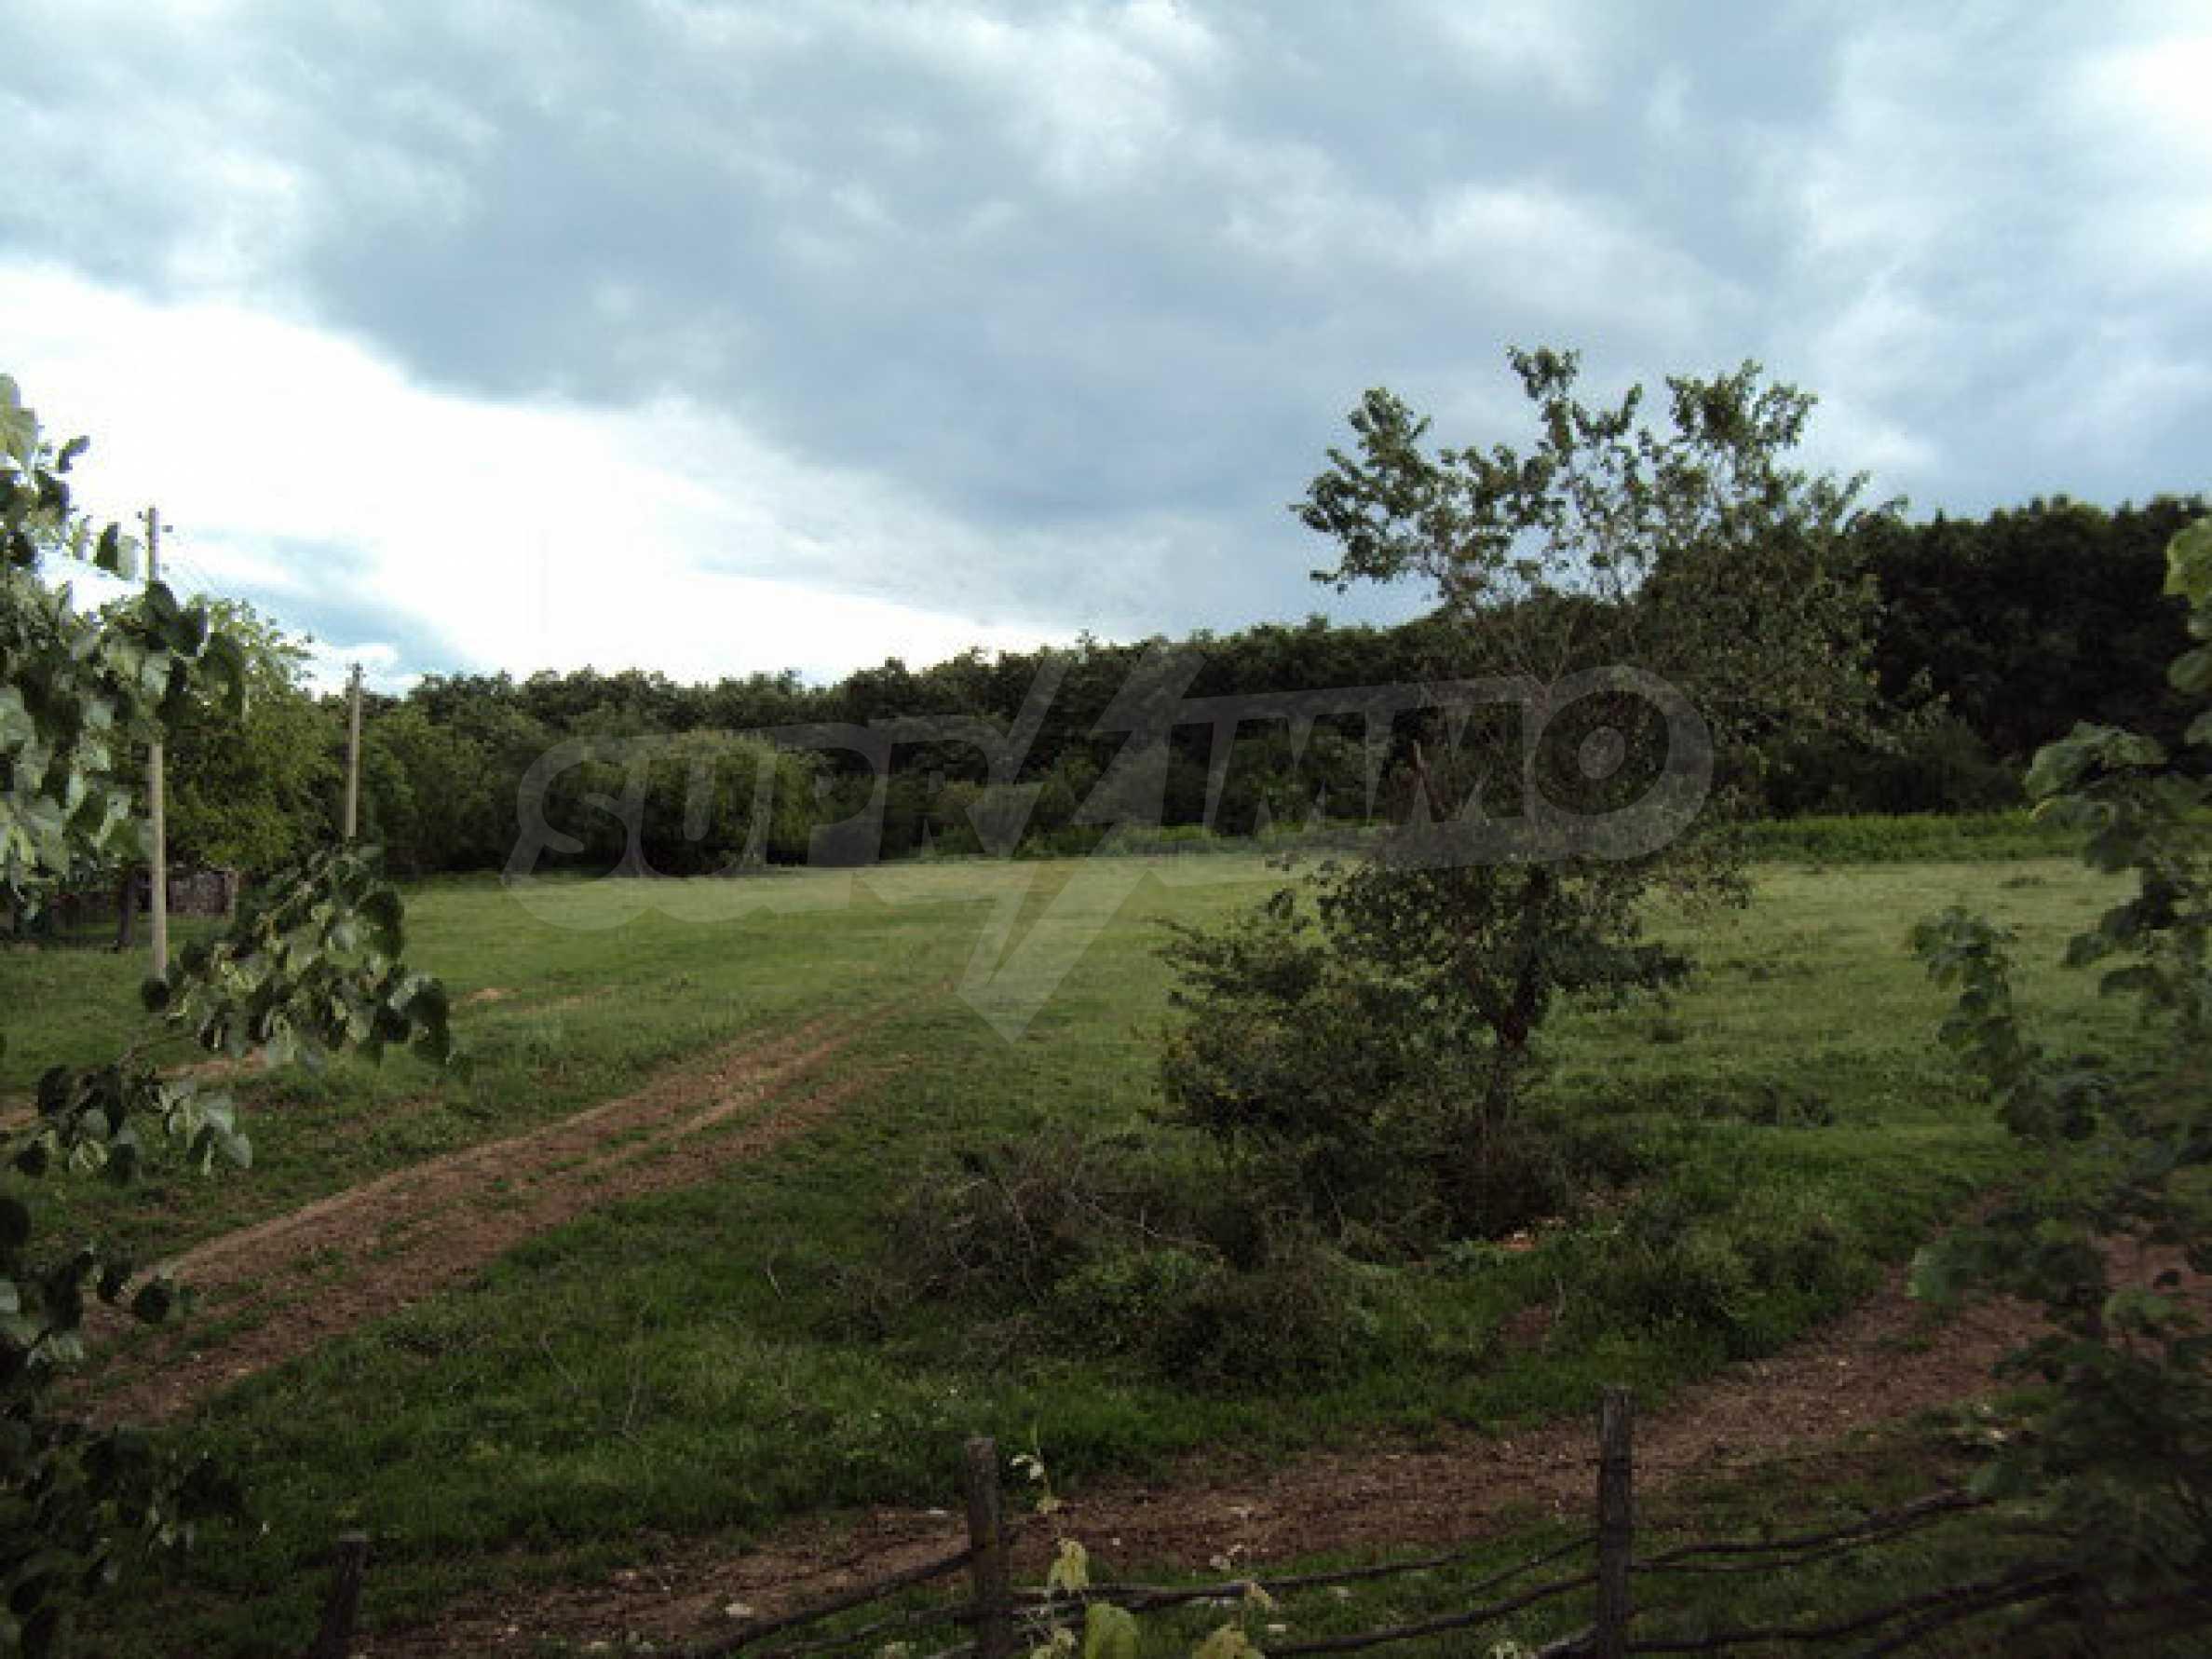 Zweistöckiges Landhaus mit Garten 50 km. von der alten Hauptstadt Veliko Tarnovo 18